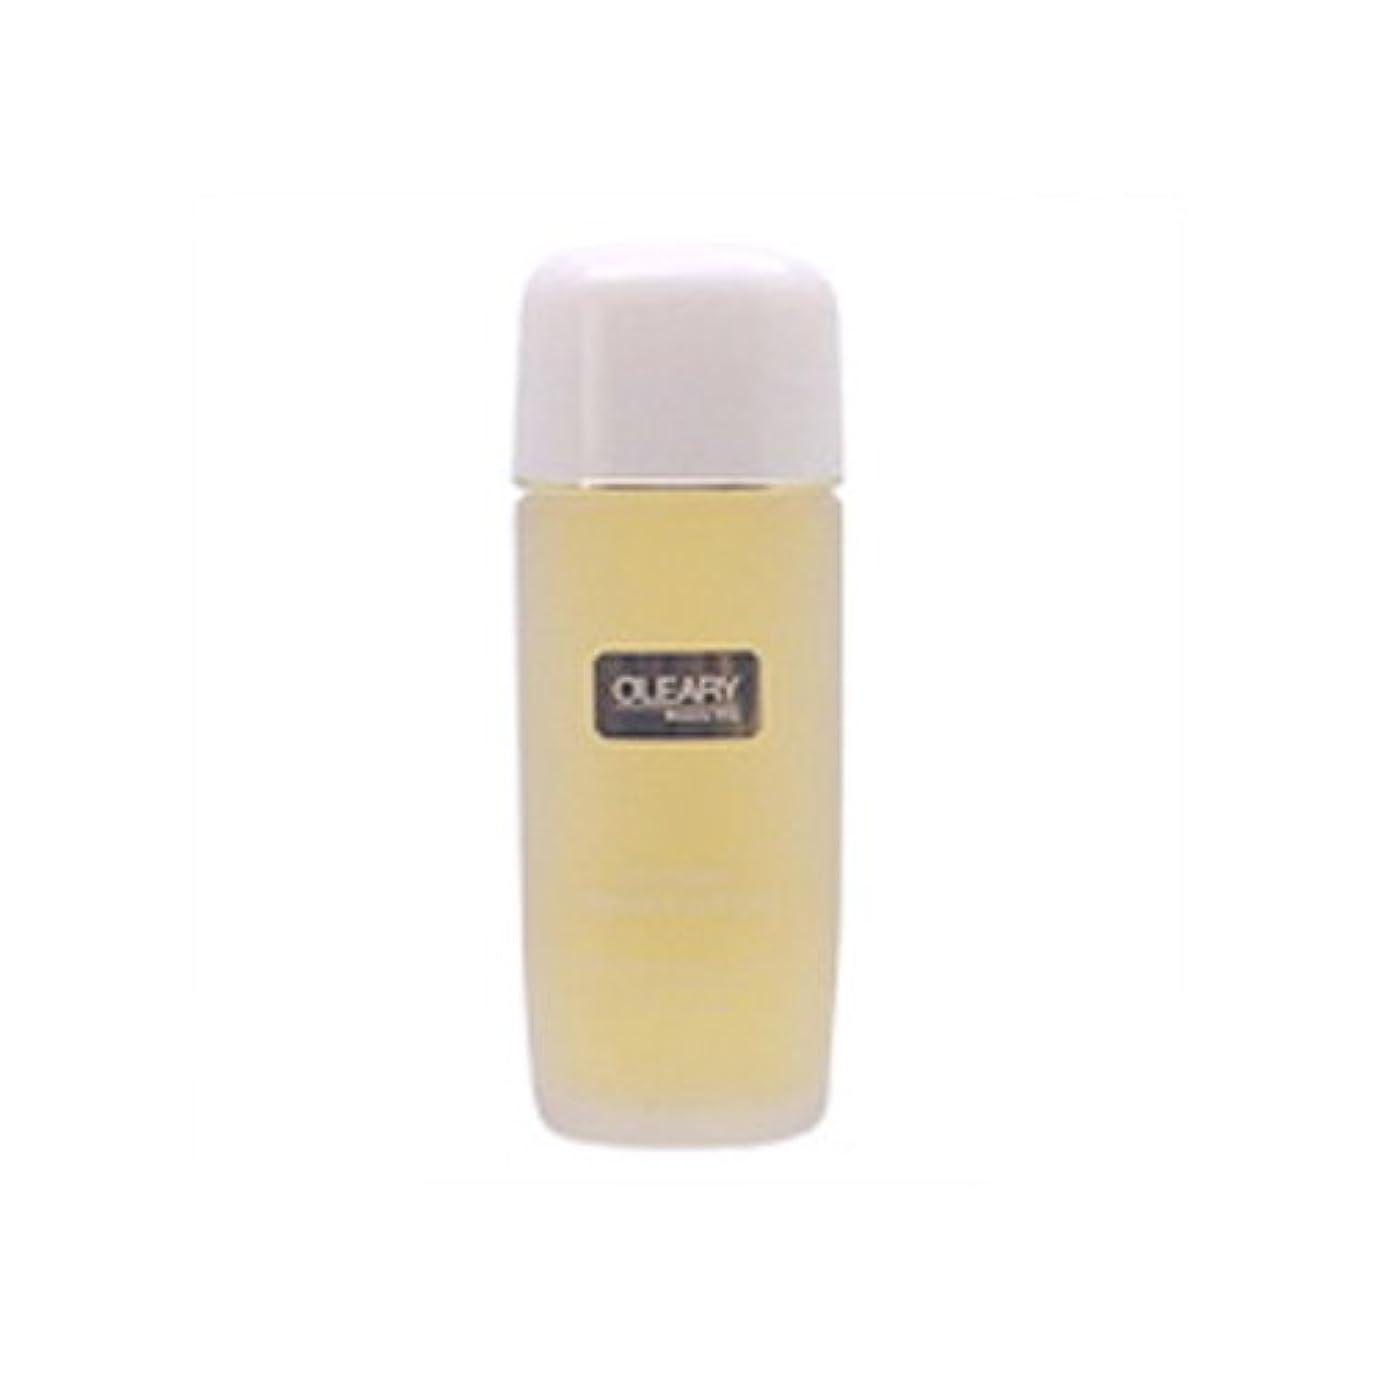 チャーター粘土髄オリリー セルファインエッセンスローション(化粧液)さっぱりタイプ